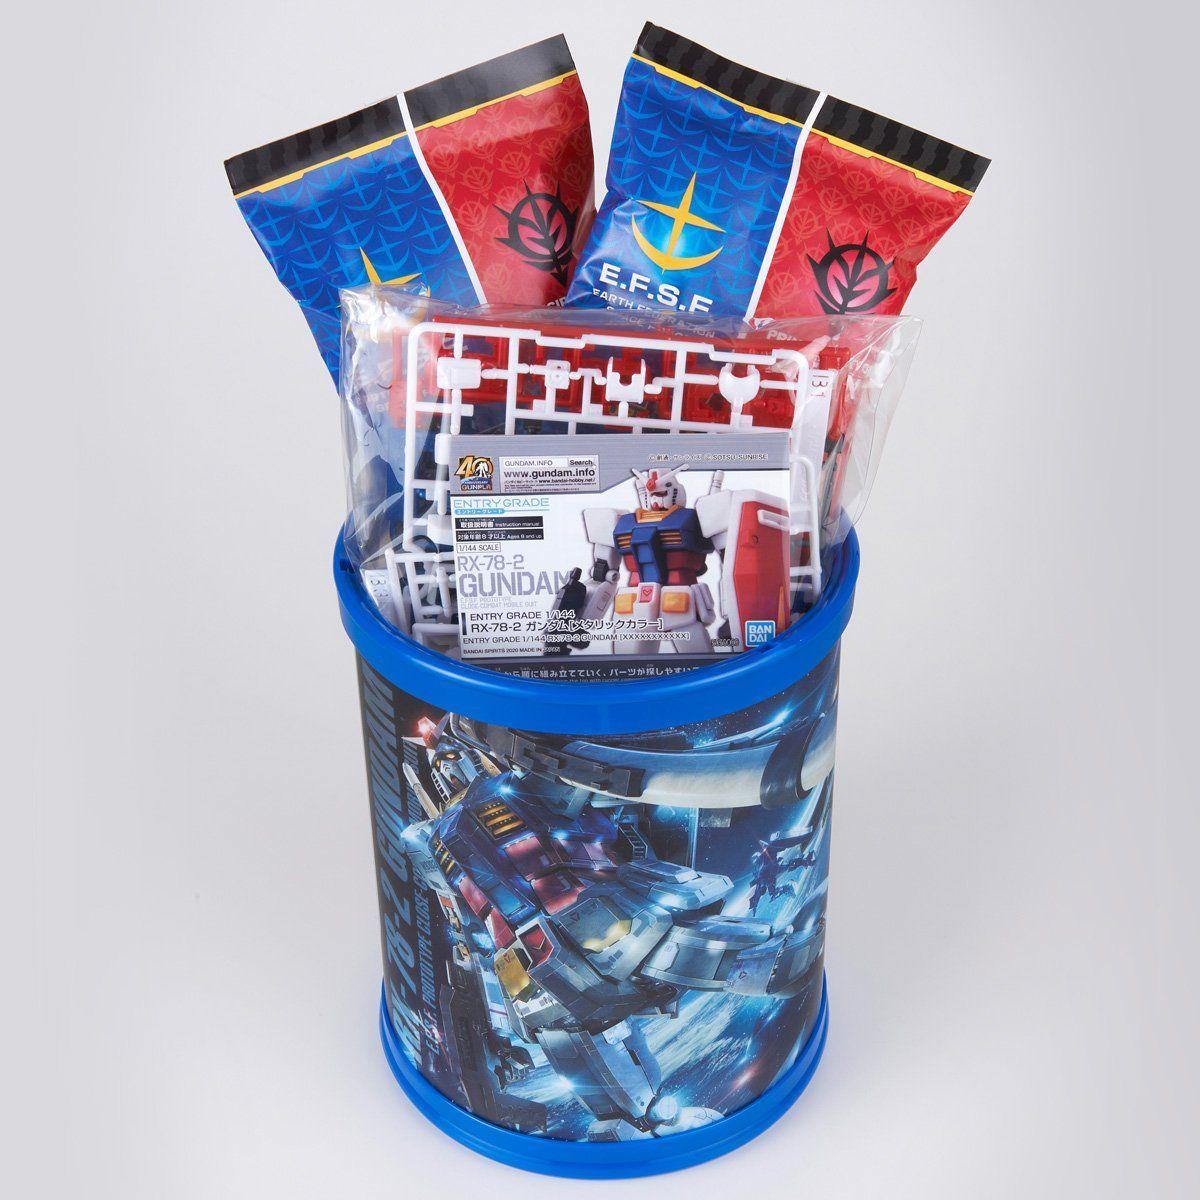 【限定販売】【食玩】EGガンダム『ガンプラ入りラウンドBOX』ENTRY GRADE 1/144 RX-78-2 ガンダム プラモデル-004